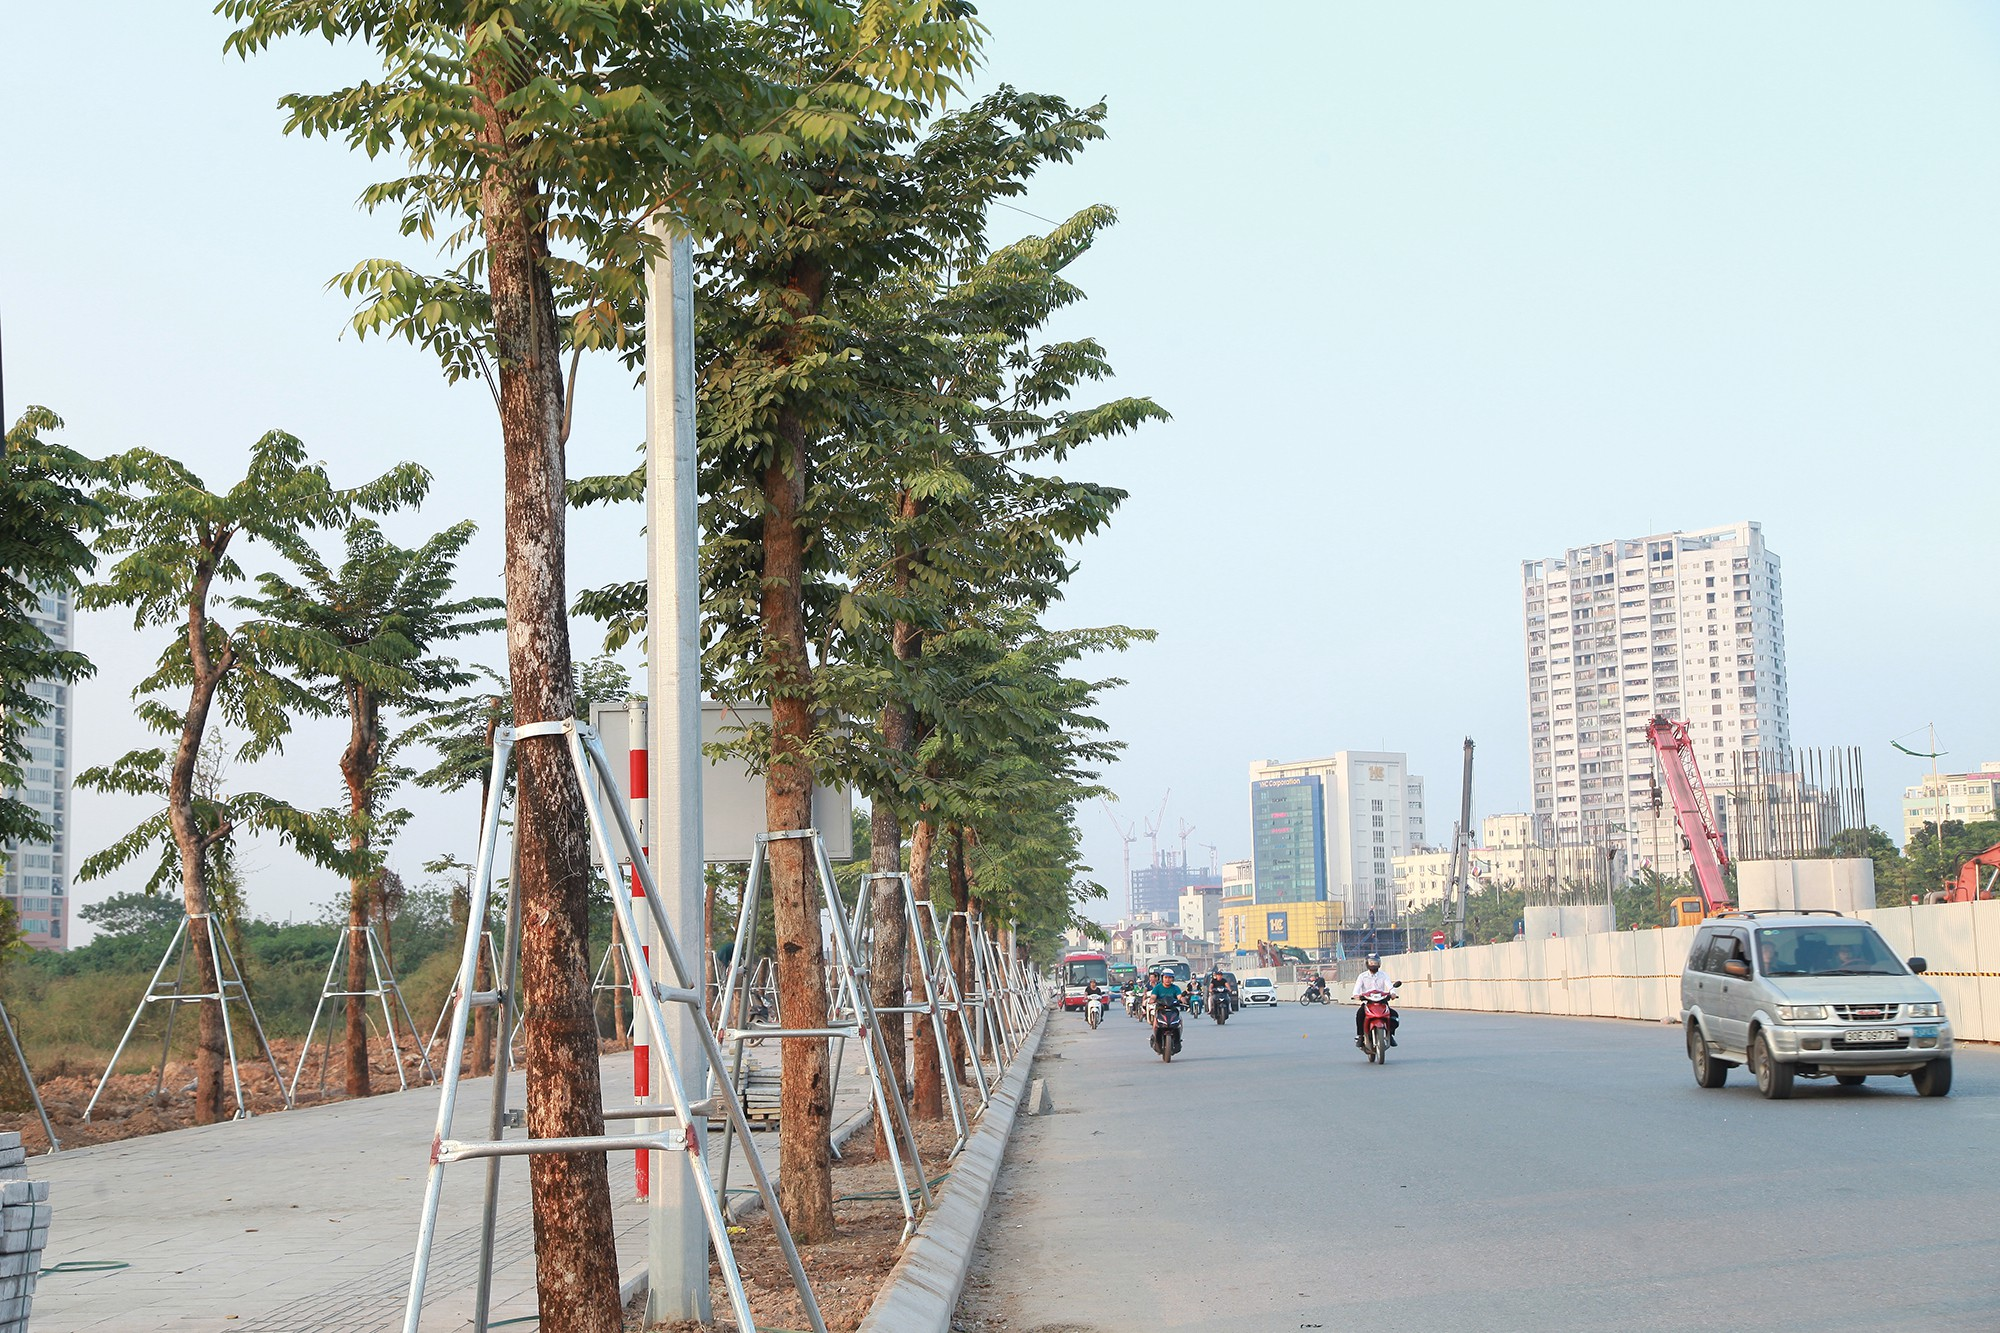 Toàn cảnh tuyến đường 8.500 tỷ đồng đang tác động mạnh mẽ lên thị trường bất động sản phía Bắc thủ đô - Ảnh 13.